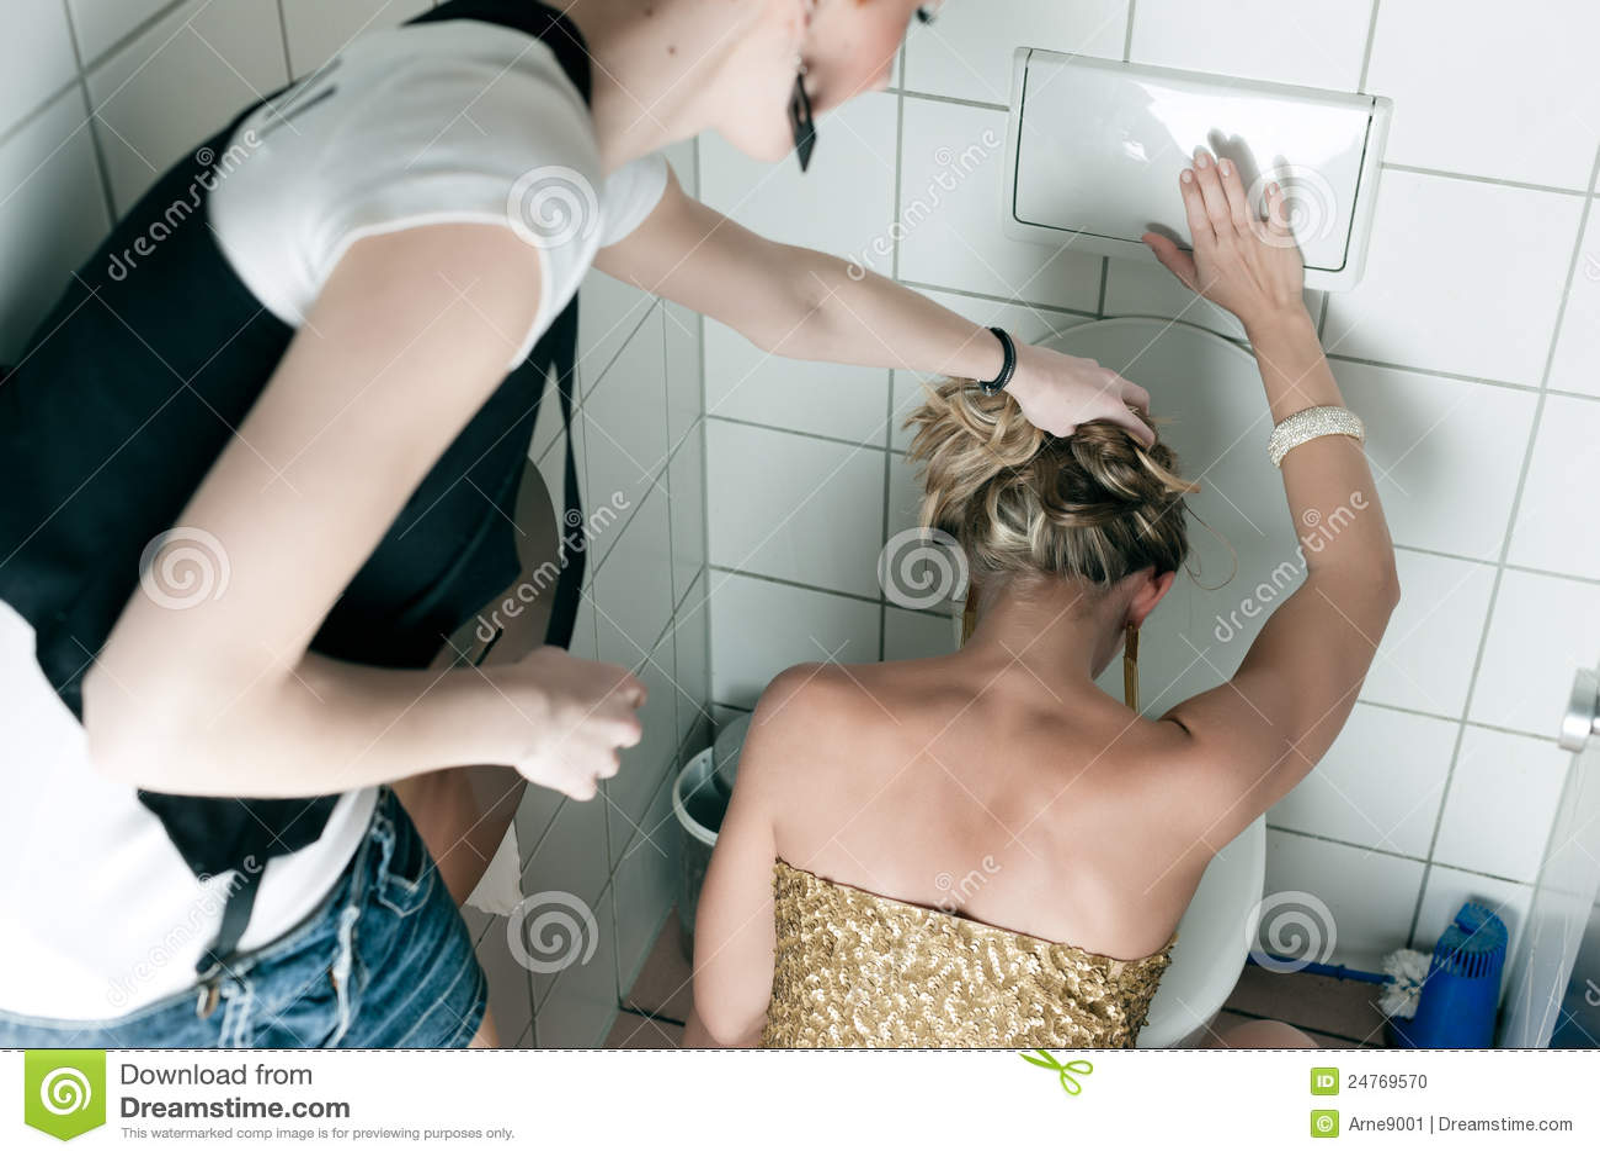 Что делает девушка в туалете, Один день в женском туалете 29 фотография